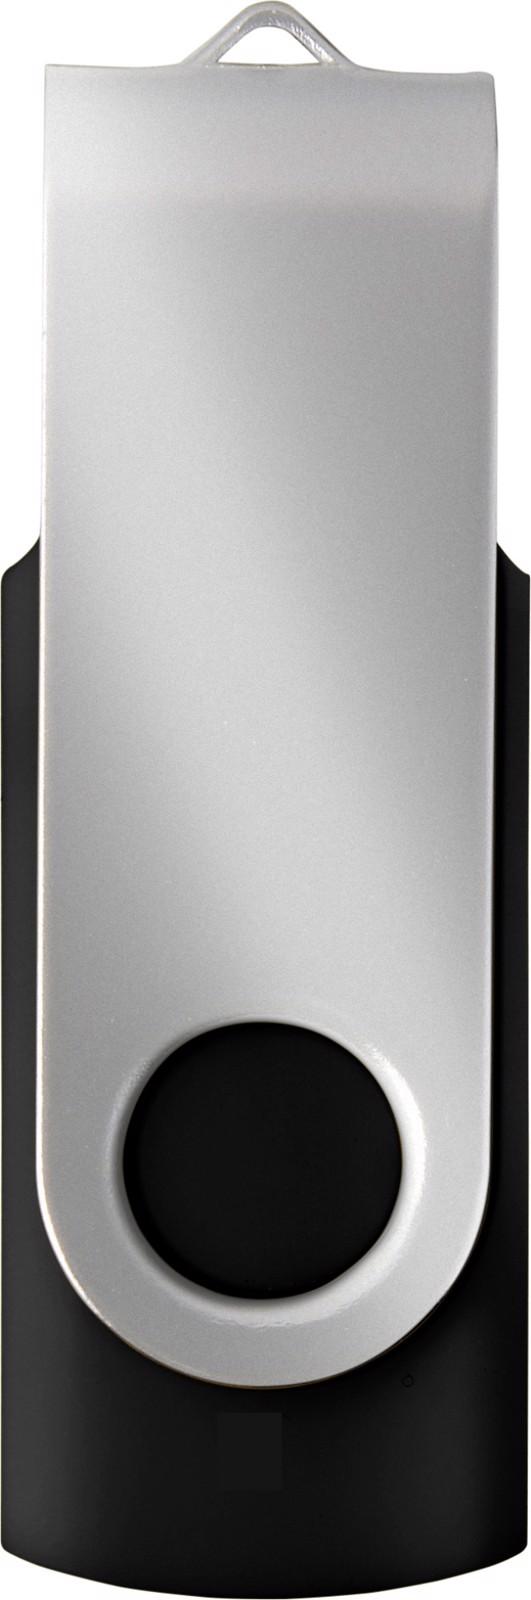 ABS USB drive (16GB/32GB) - Black / Silver